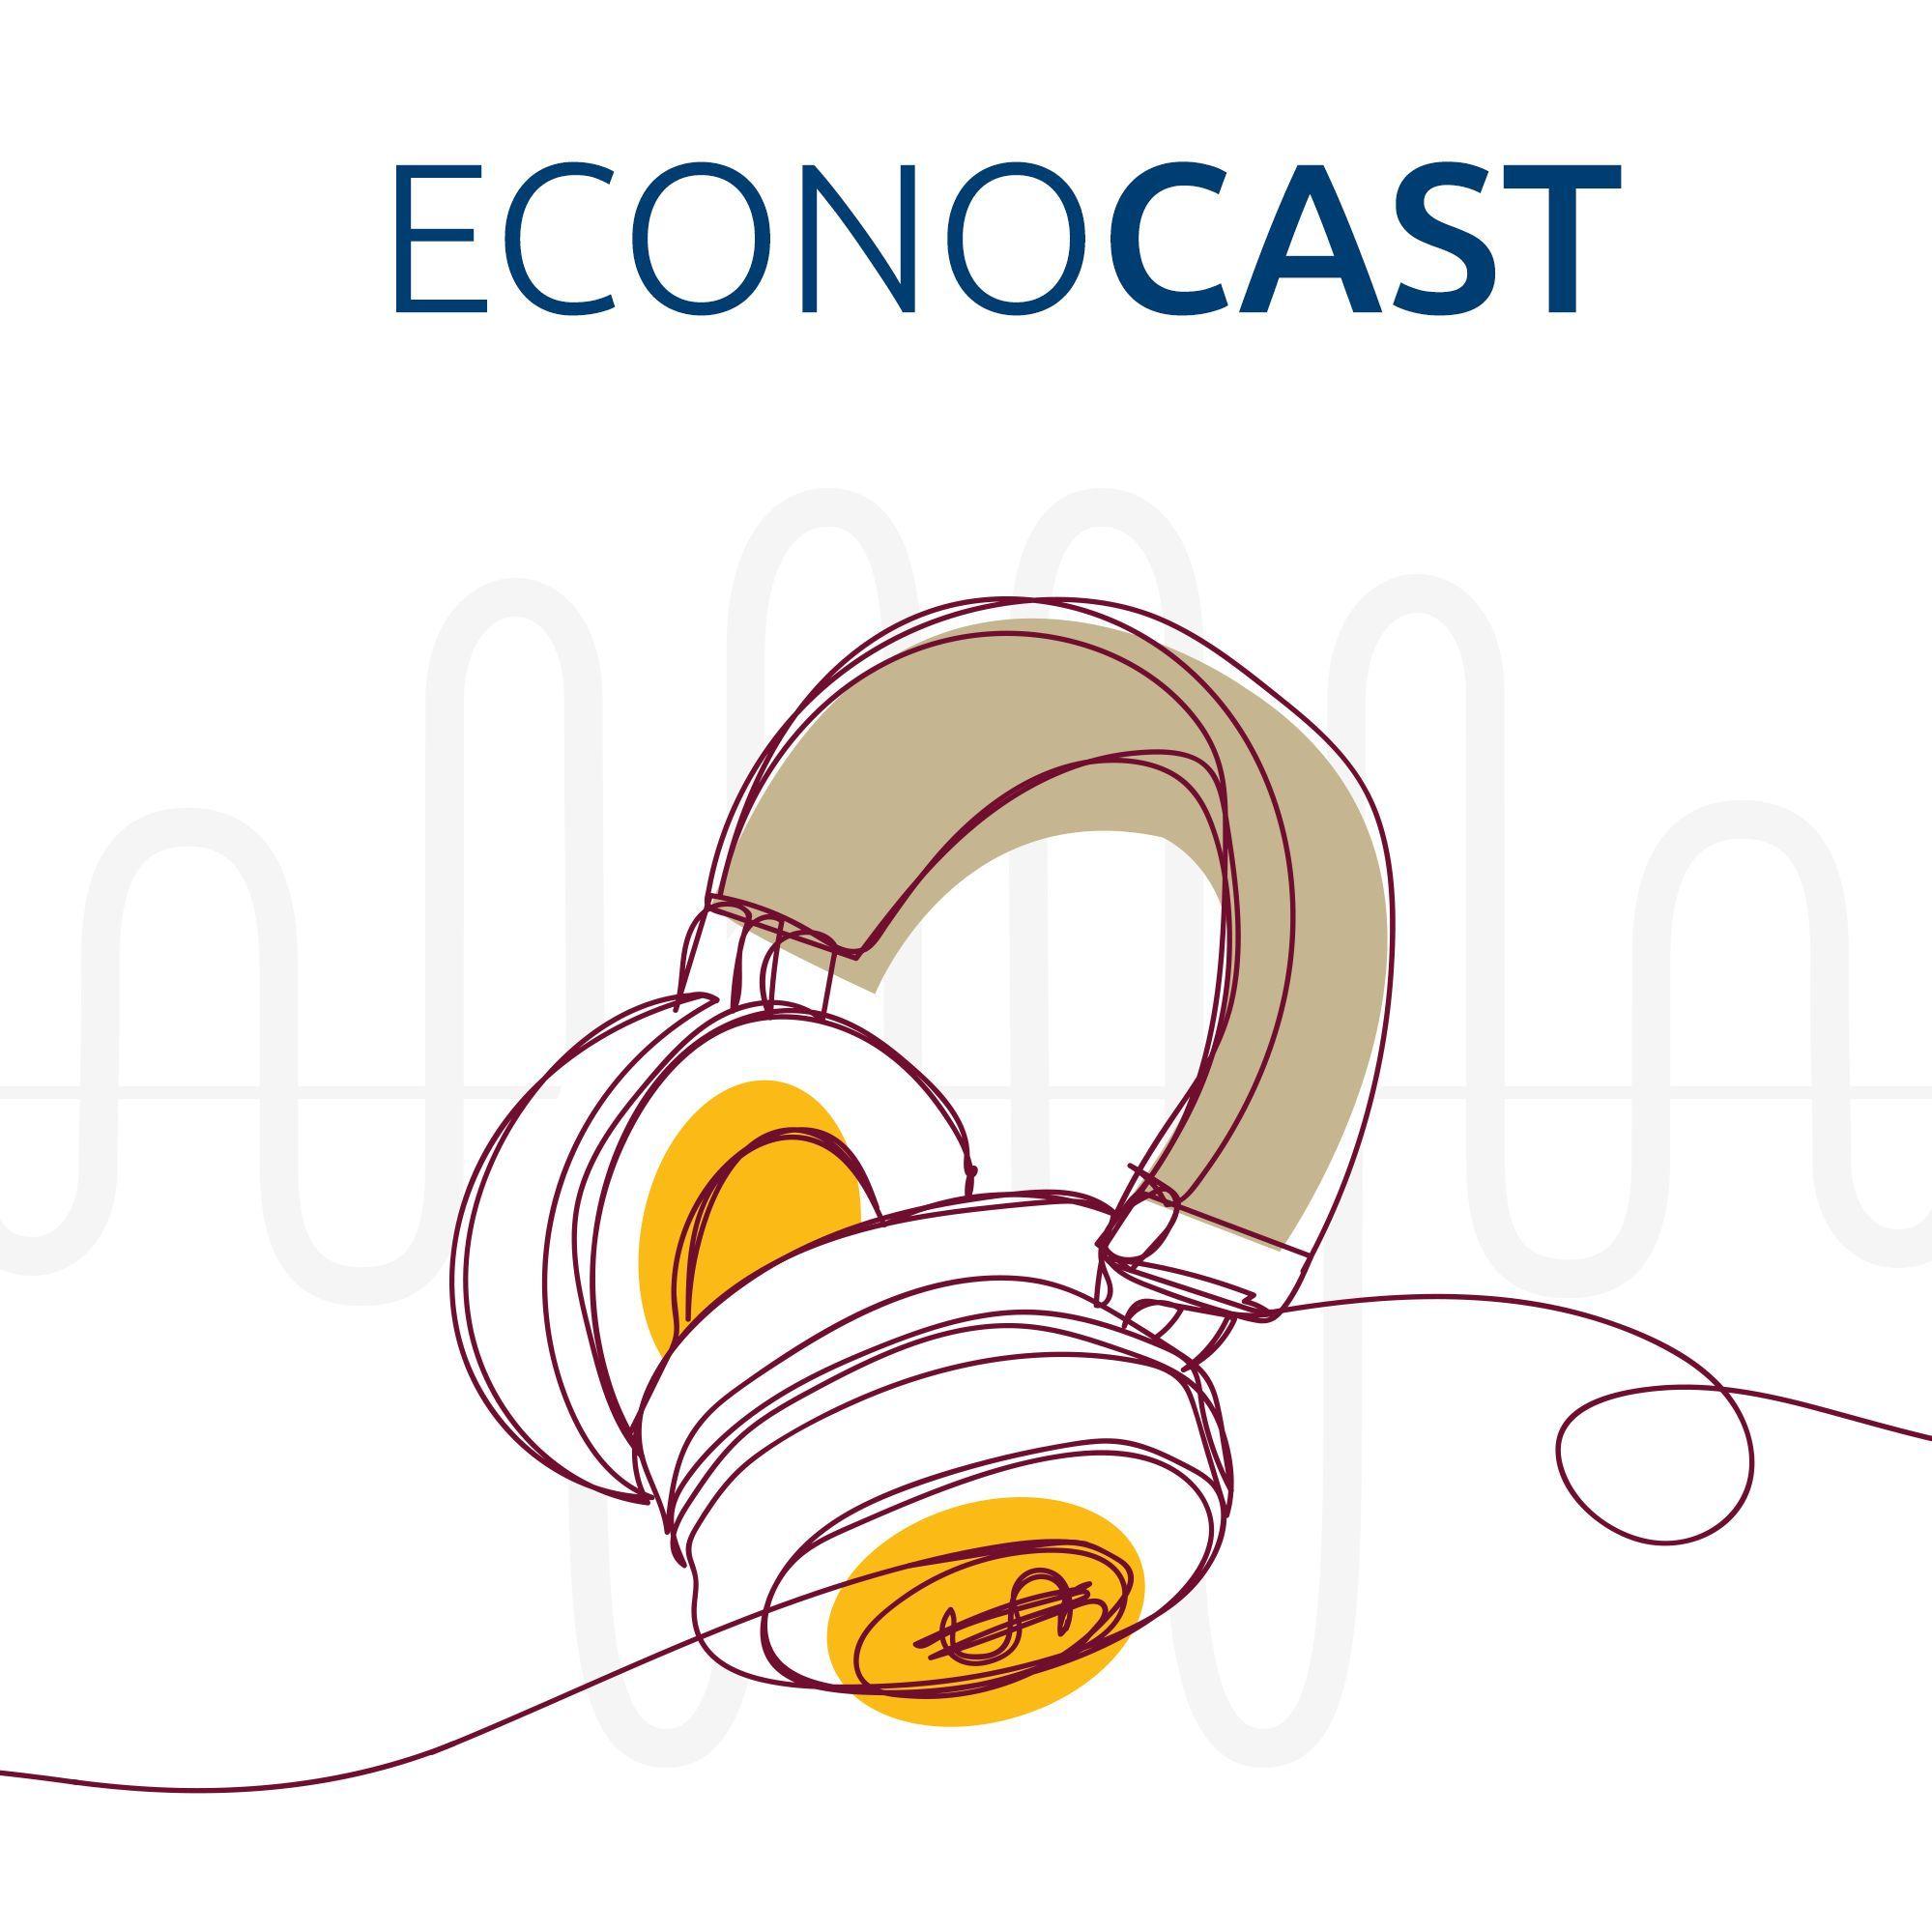 Econocast - EP 03